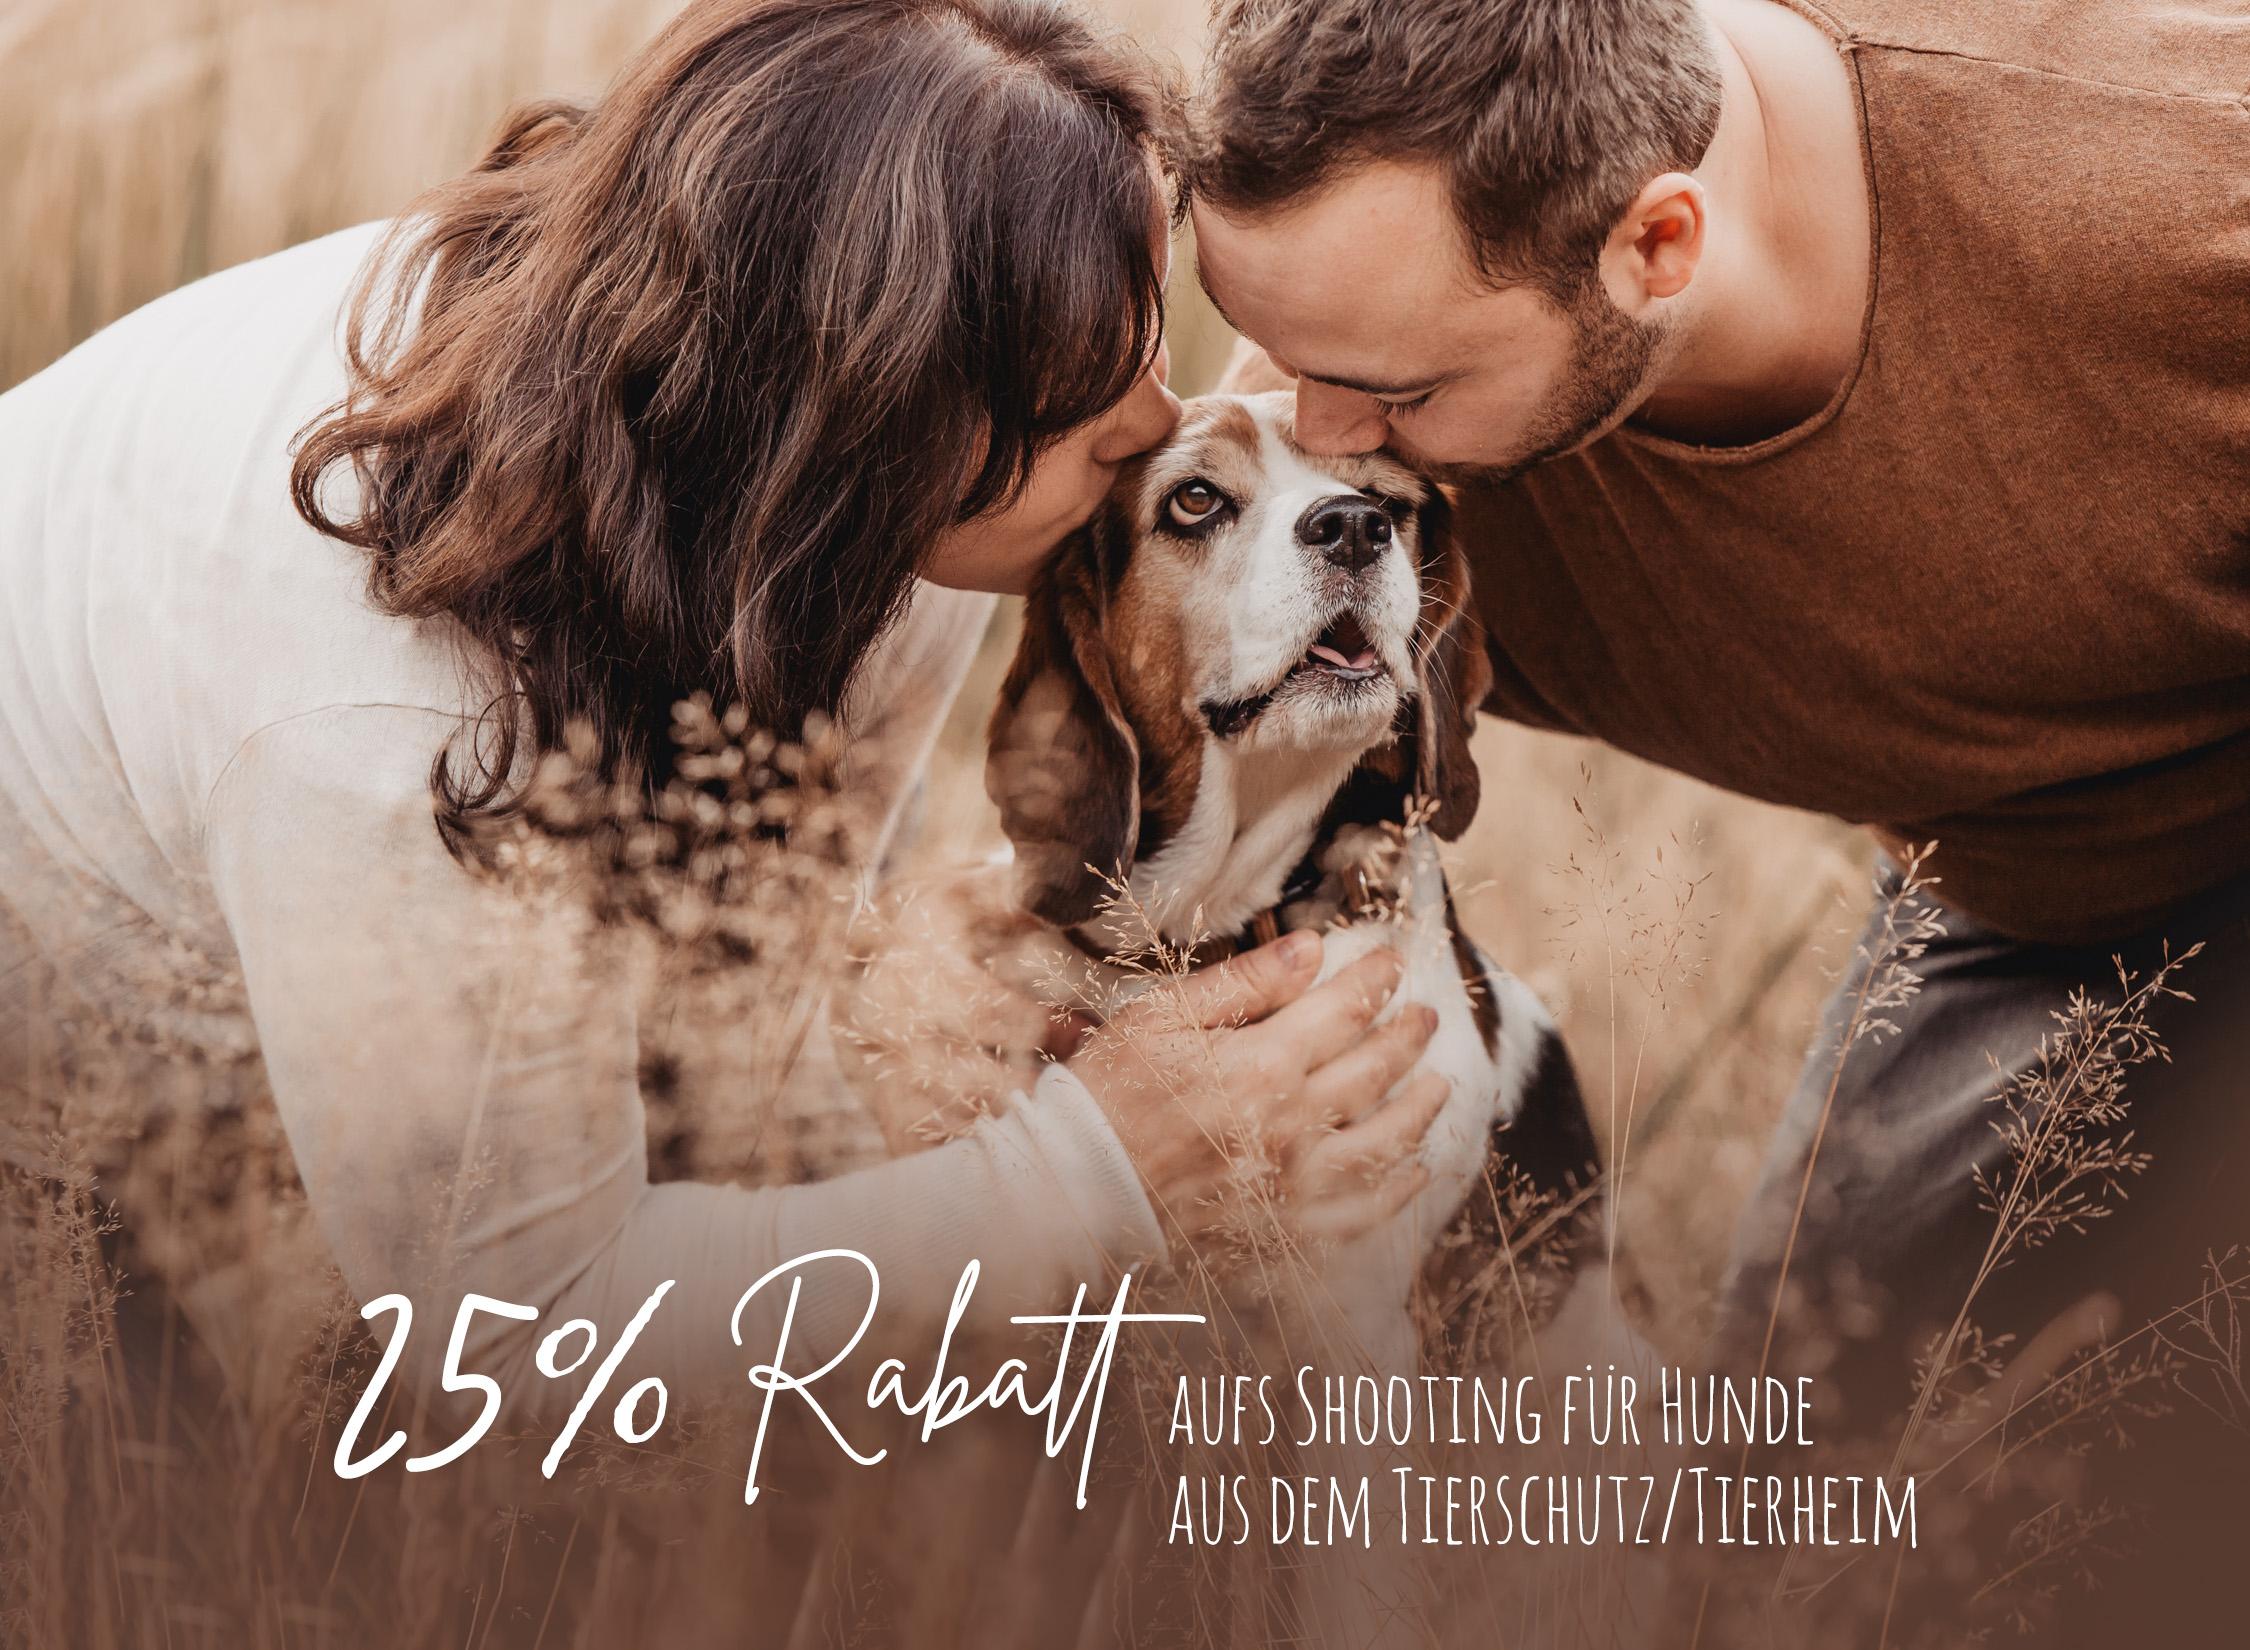 25Prozent_Rabatt_Tierschutz